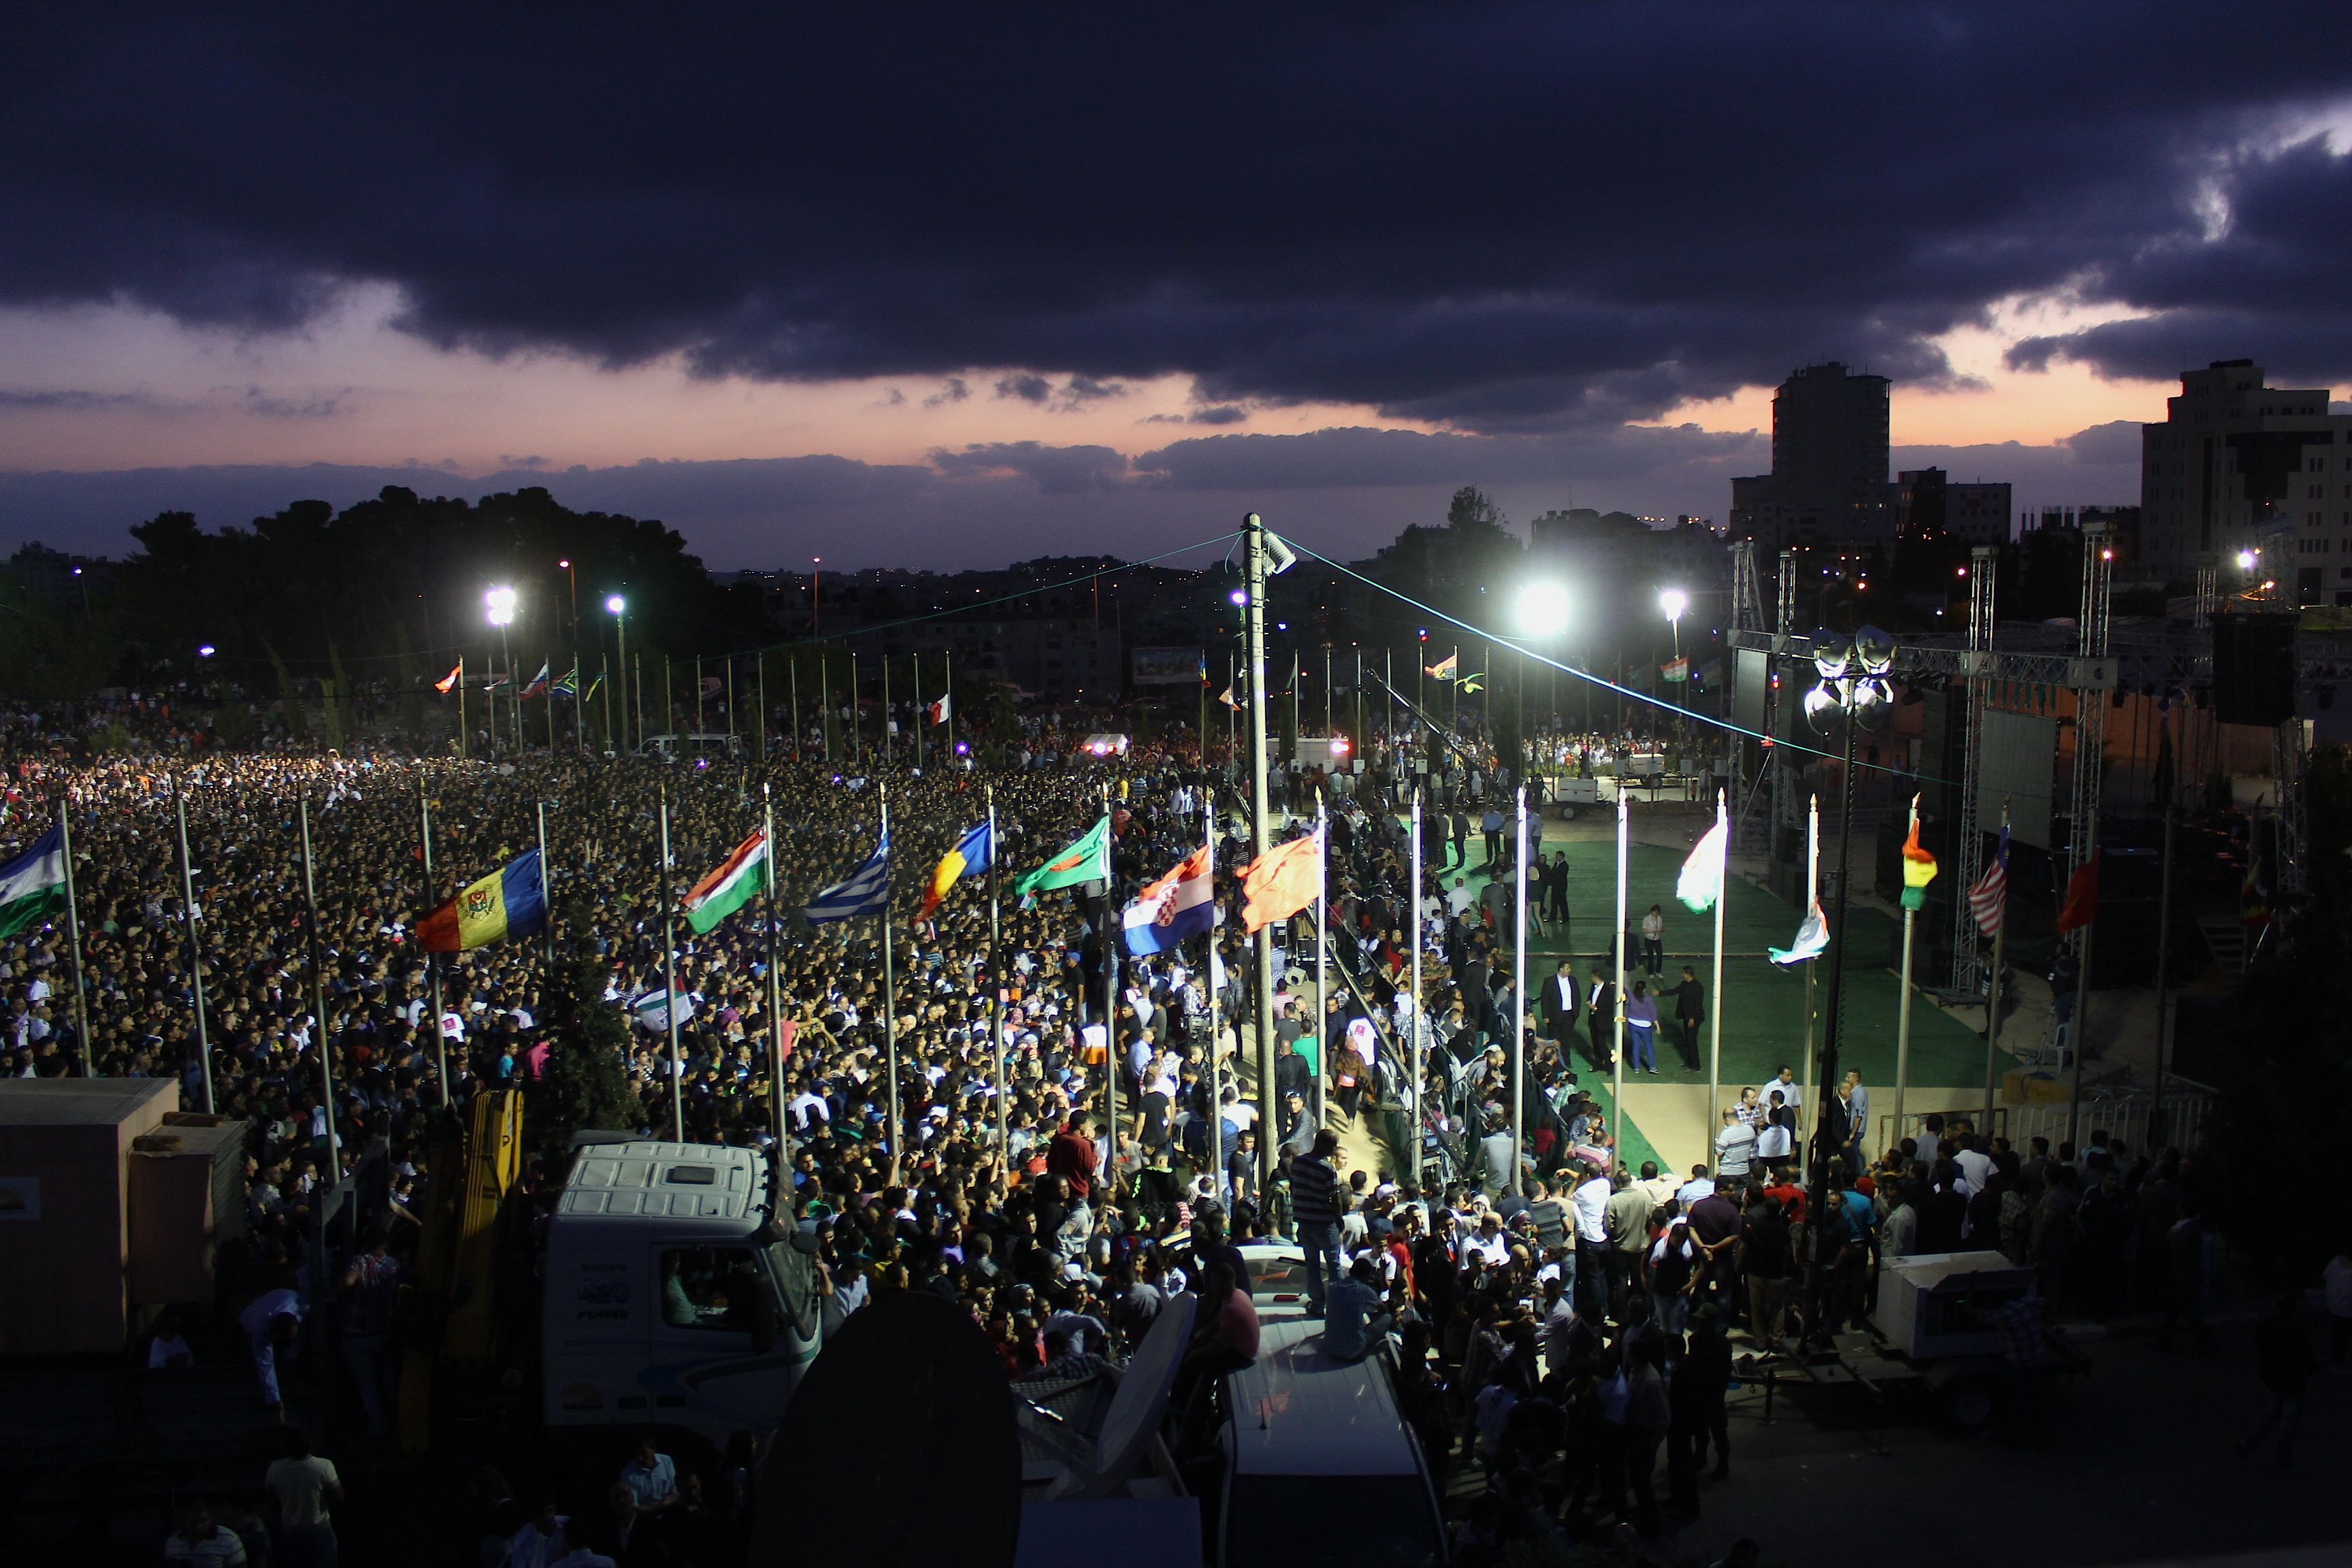 Des milliers de personnes devant le palais présidentiel à Ramallah pour écouter Mohammed Assaf www.merblanche.com all rights reserved